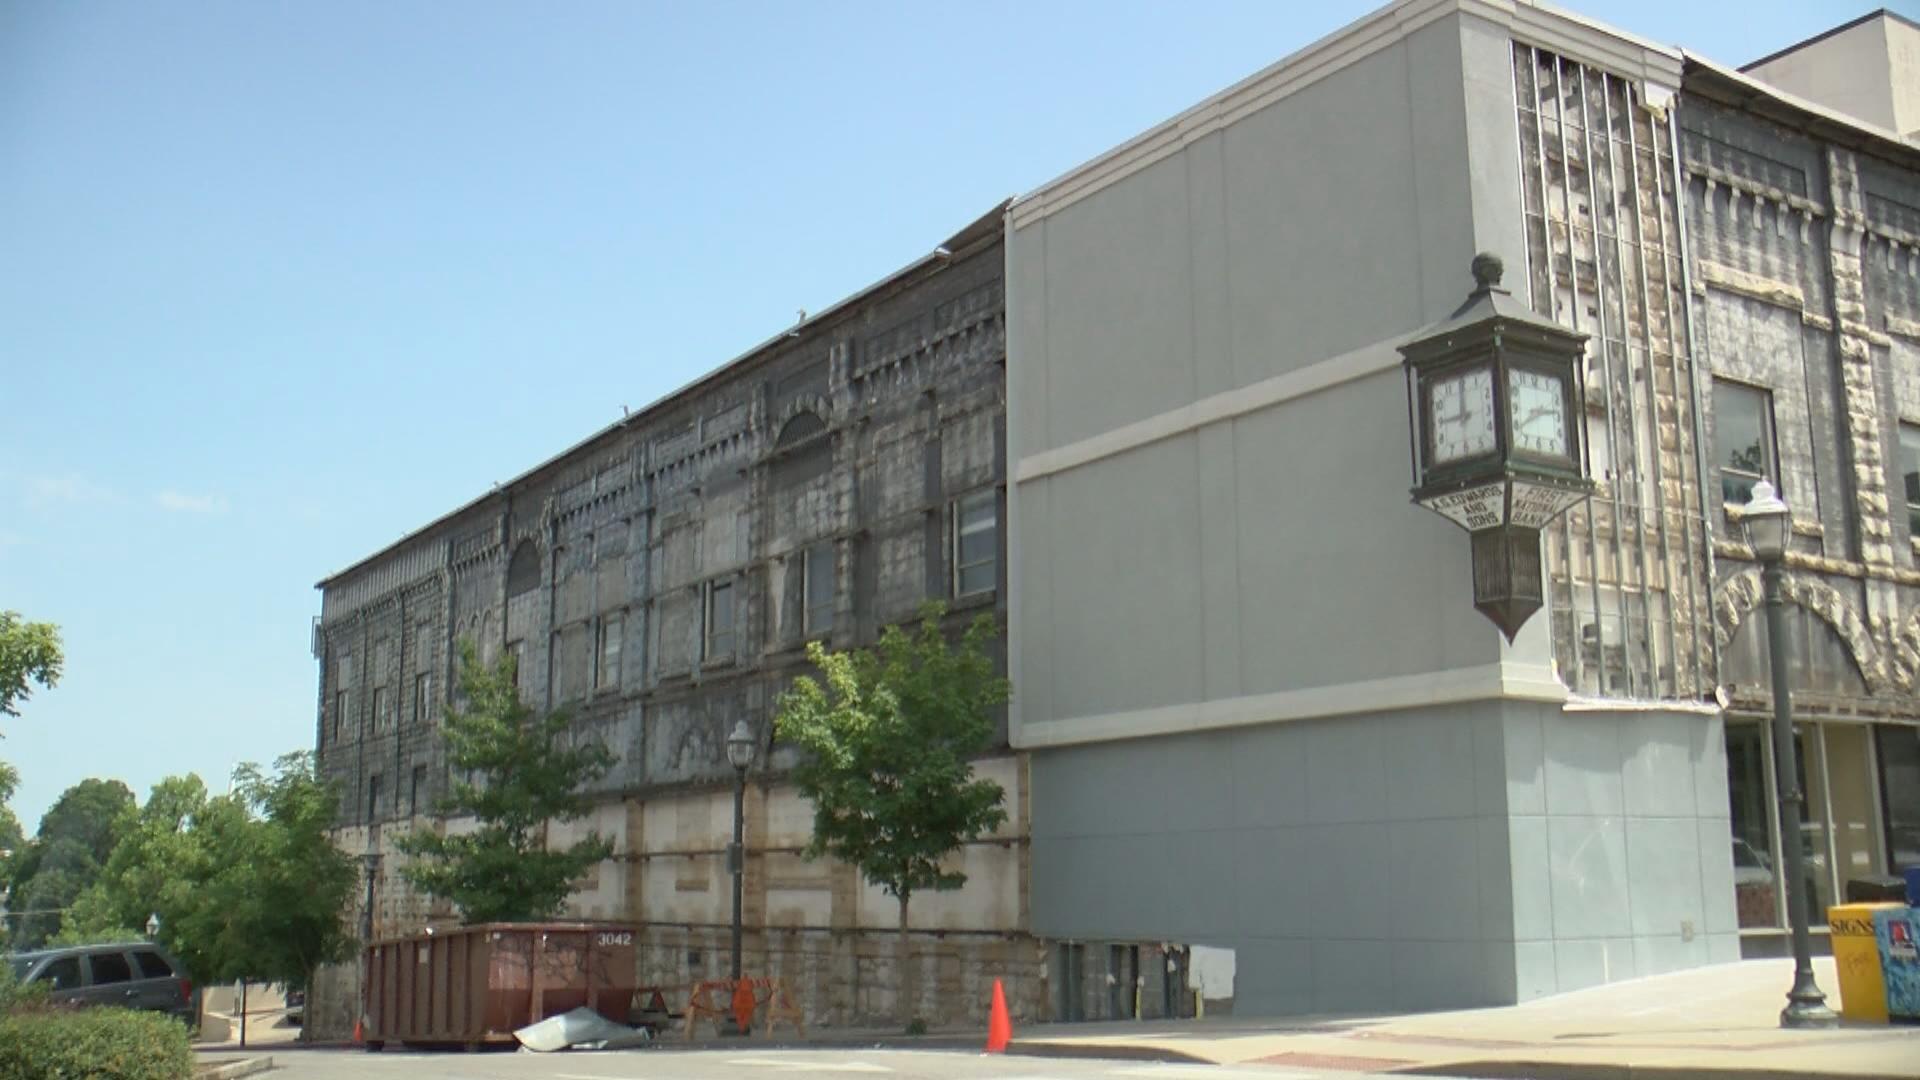 Downtown Building_1531792596810.jpg.jpg